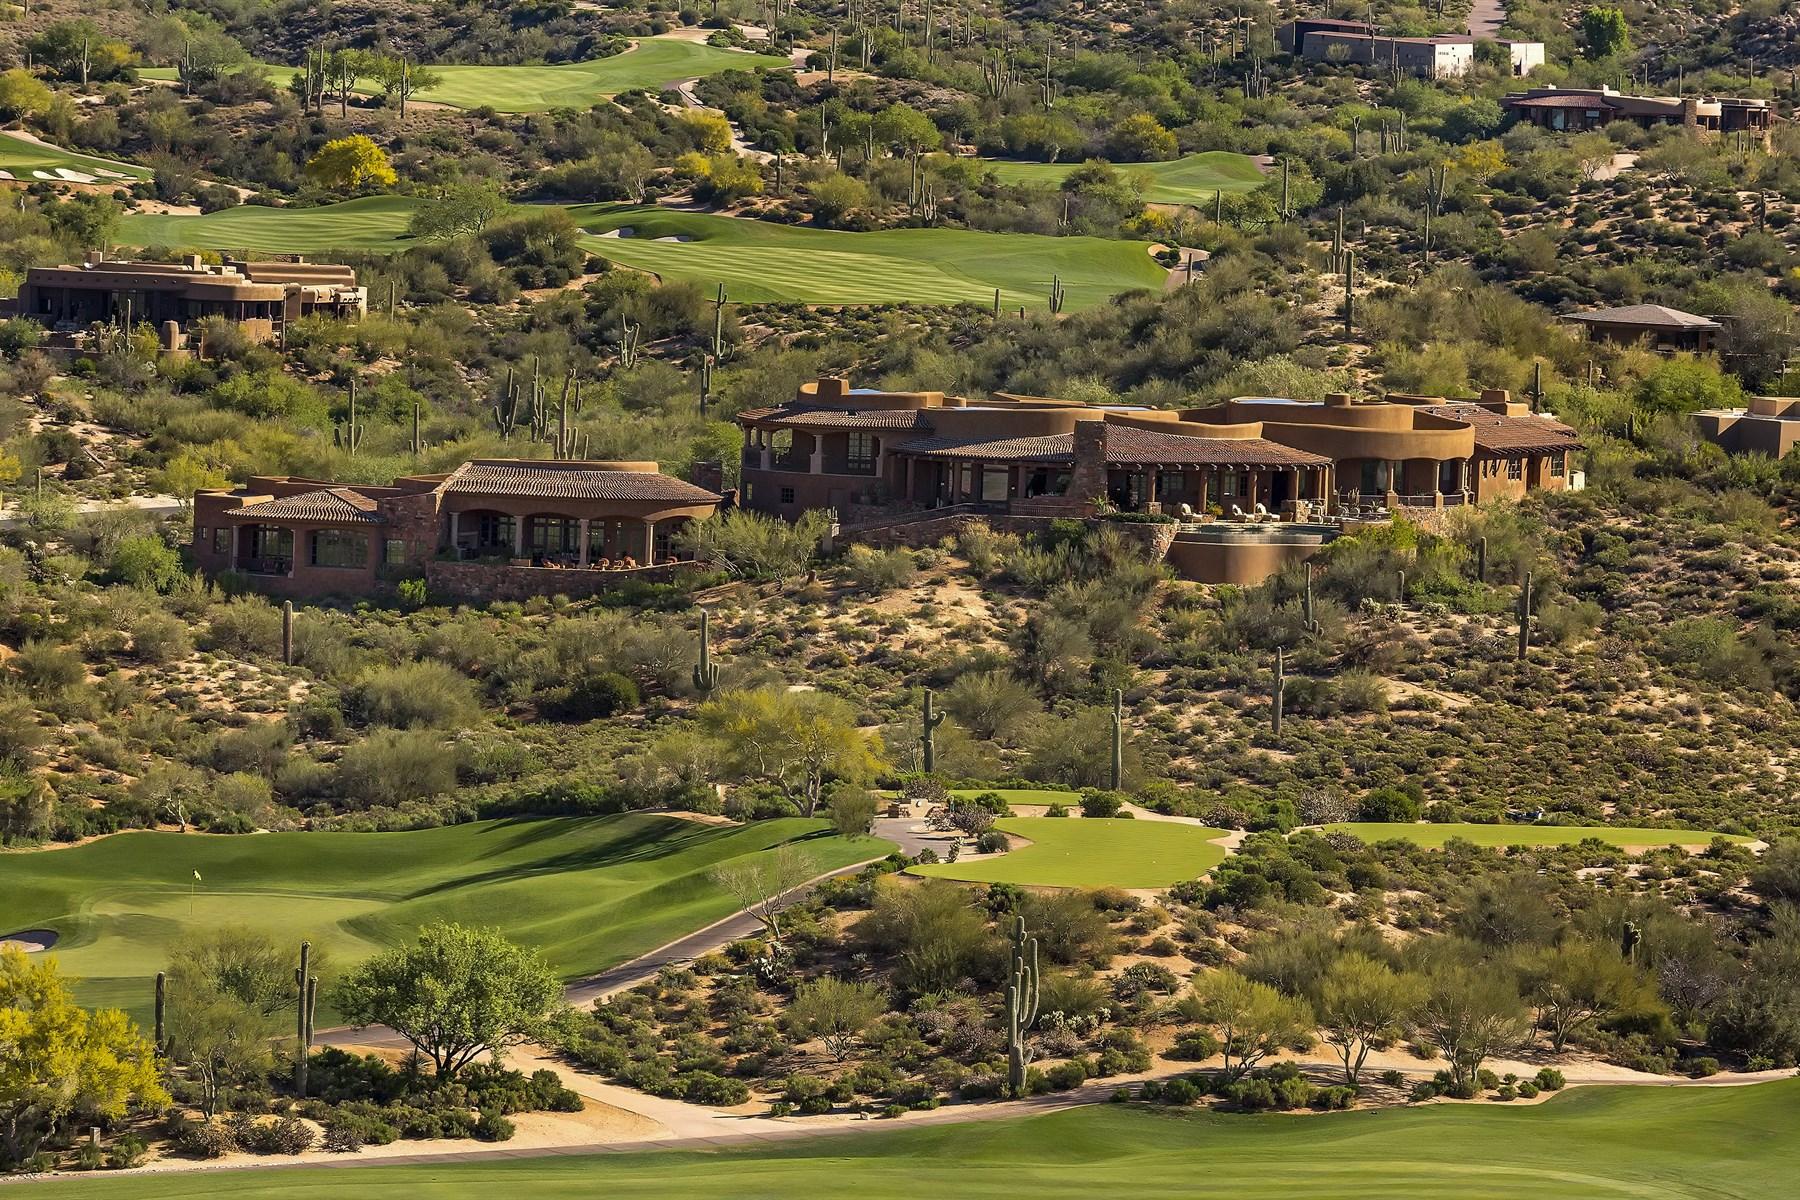 Casa Unifamiliar por un Venta en Village of Lone Mountain 9743 E Madera Dr. Scottsdale, Arizona, 85262 Estados Unidos